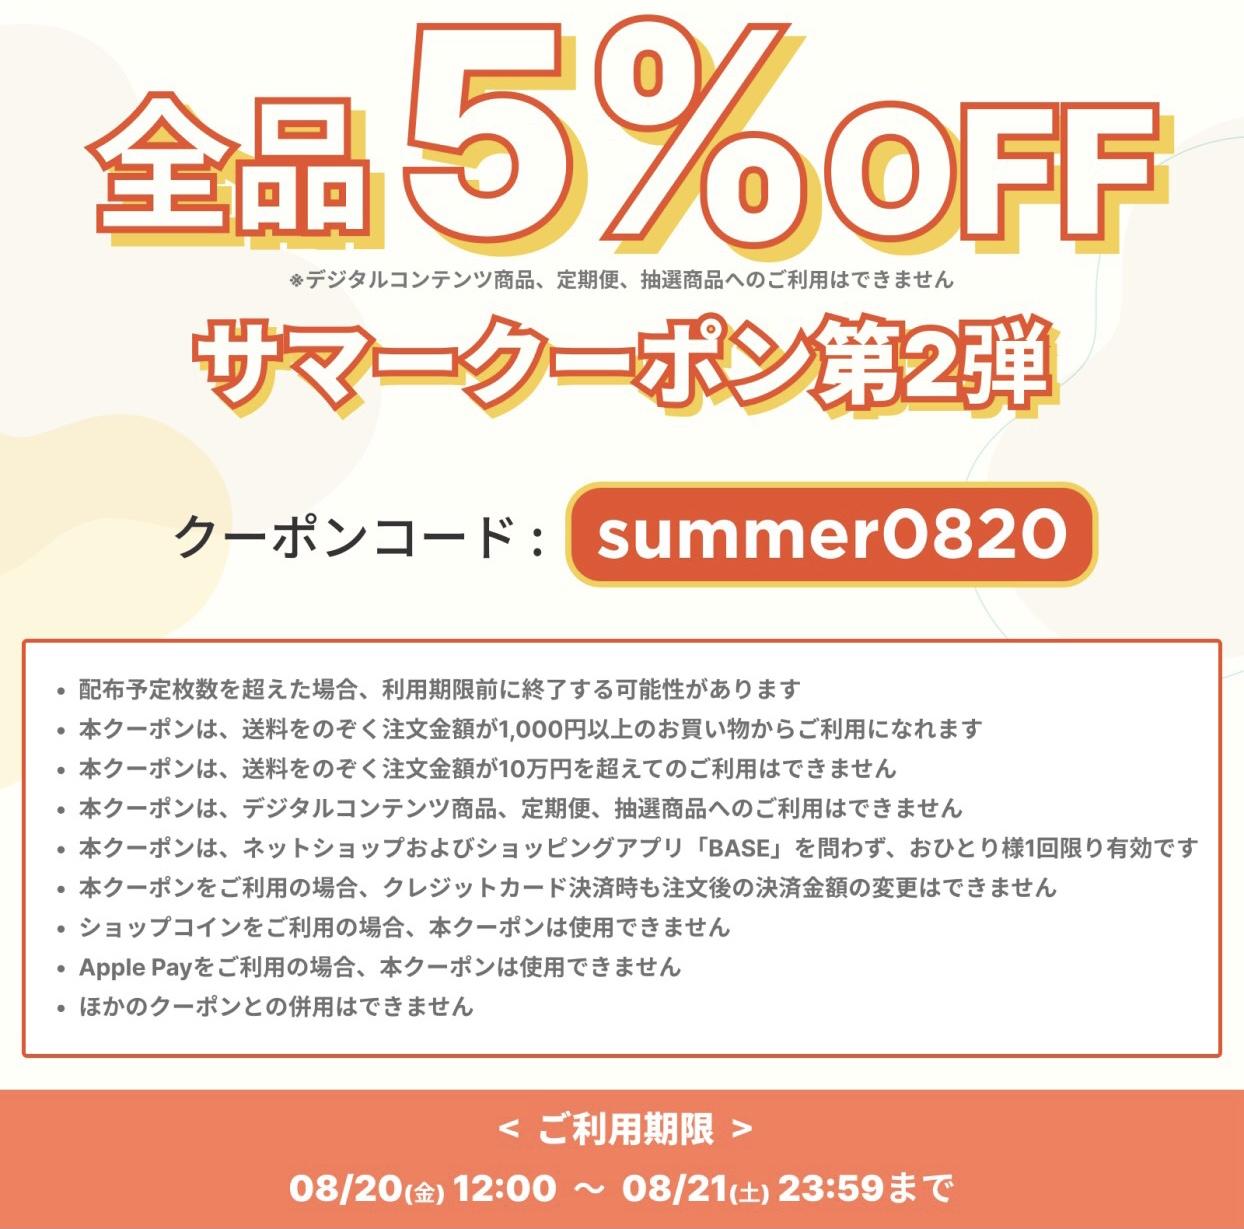 【8/20~8/21 期間限定】 「BASE」サマークーポンキャンペーン!